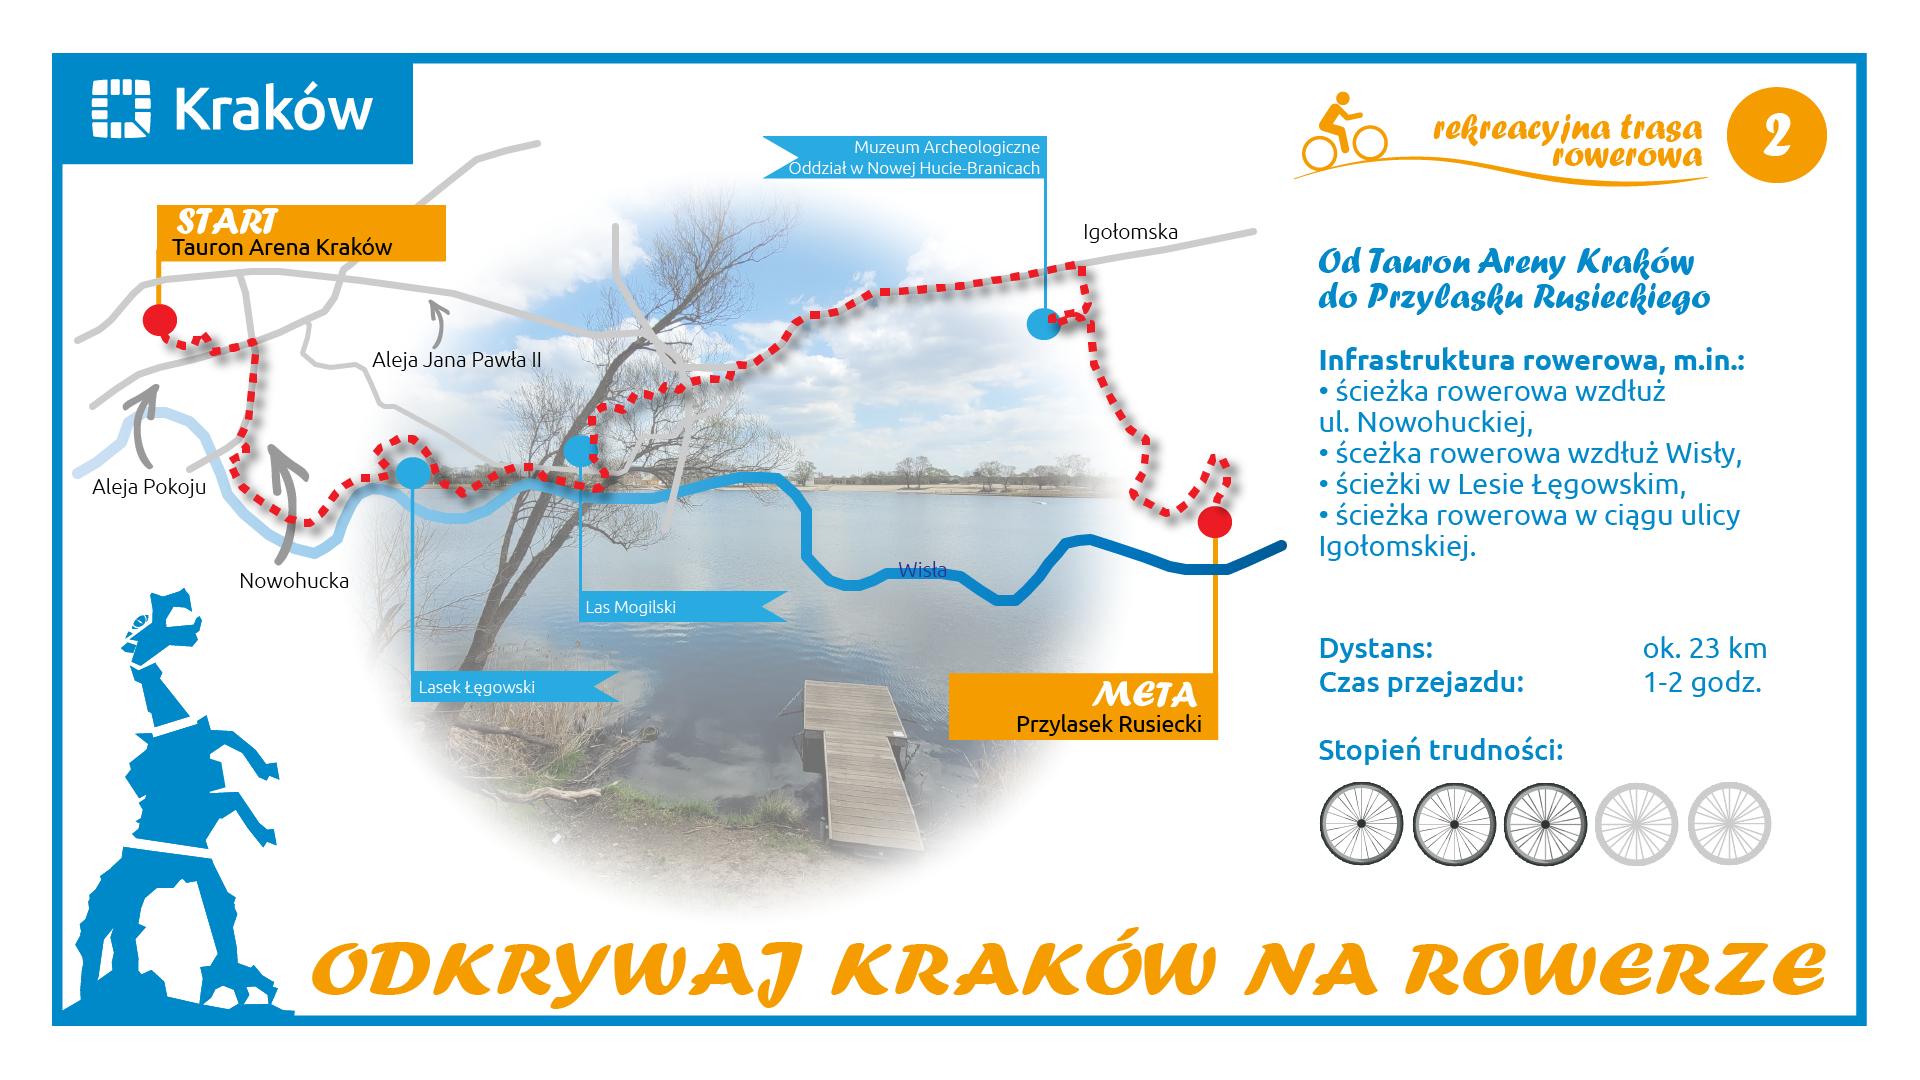 Zdjęcie Kraków w formie – Rowerem w kierunku Przylasku Rusieckiego